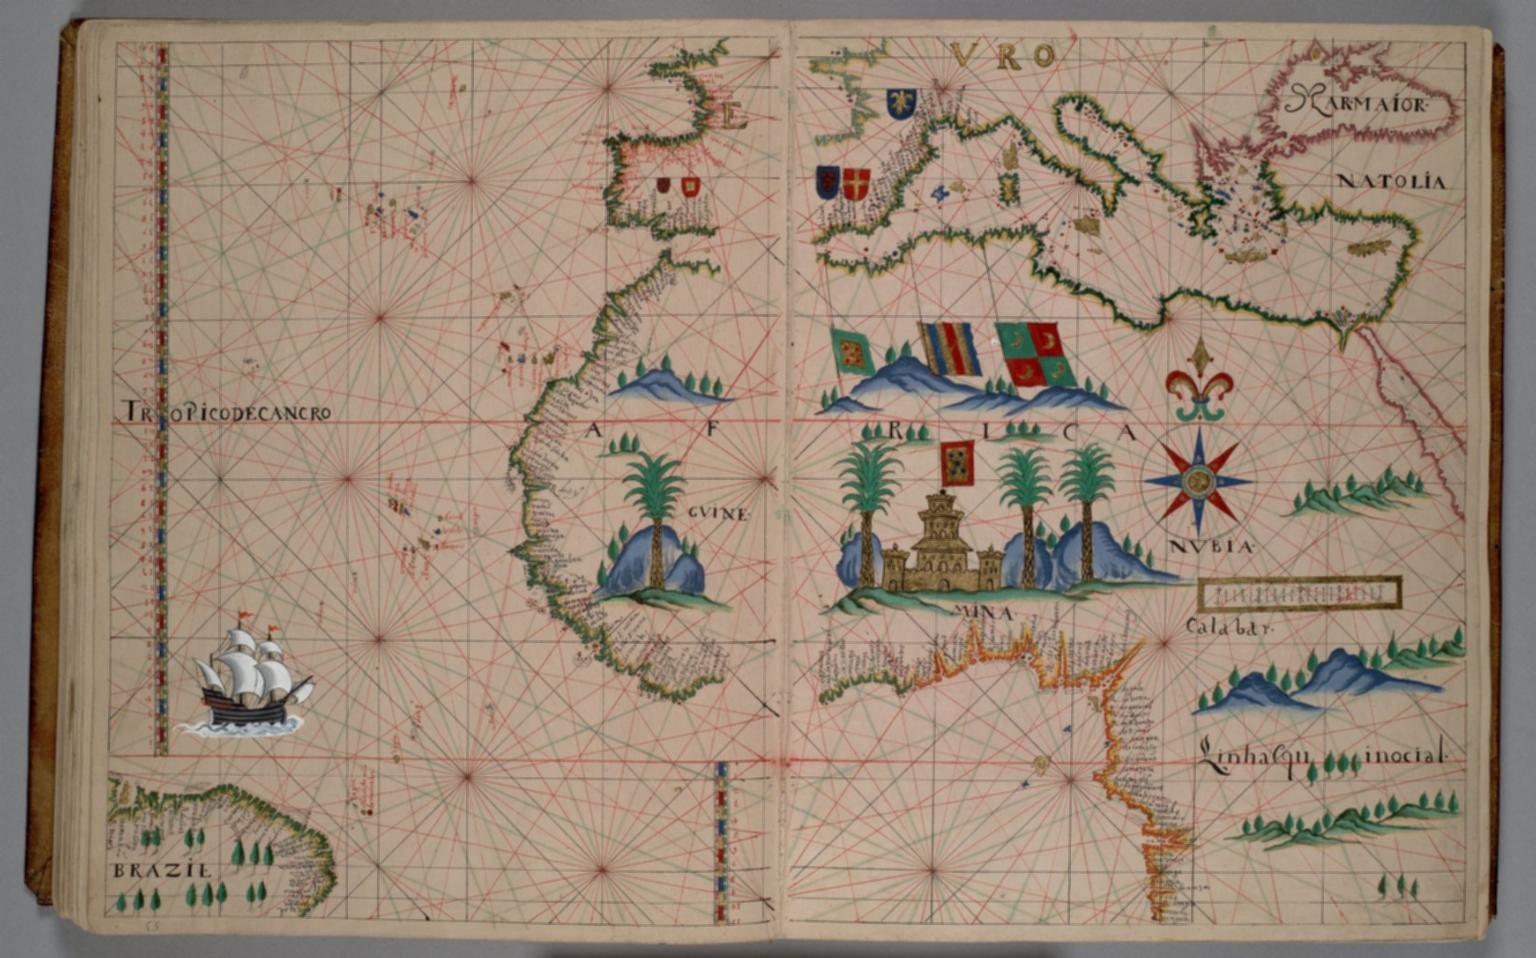 Northwest Africa, Mediterranean area, southern Europe